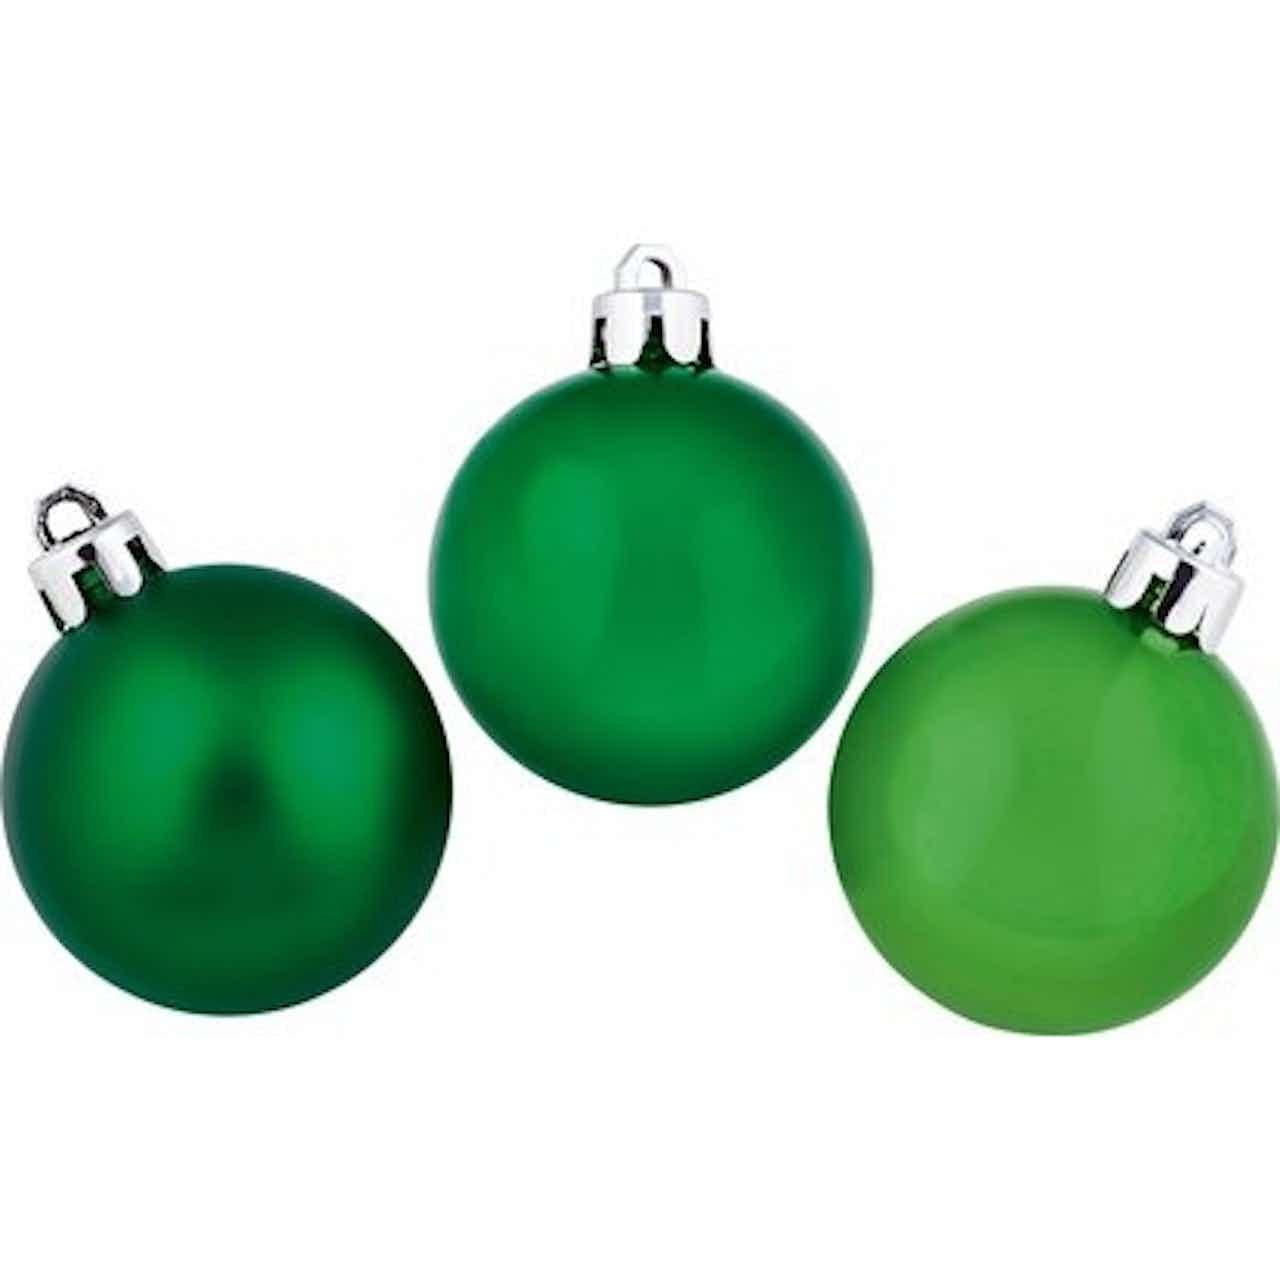 Sada vánočních ozdob - koule plastové zelené 5 cm, 8 ks